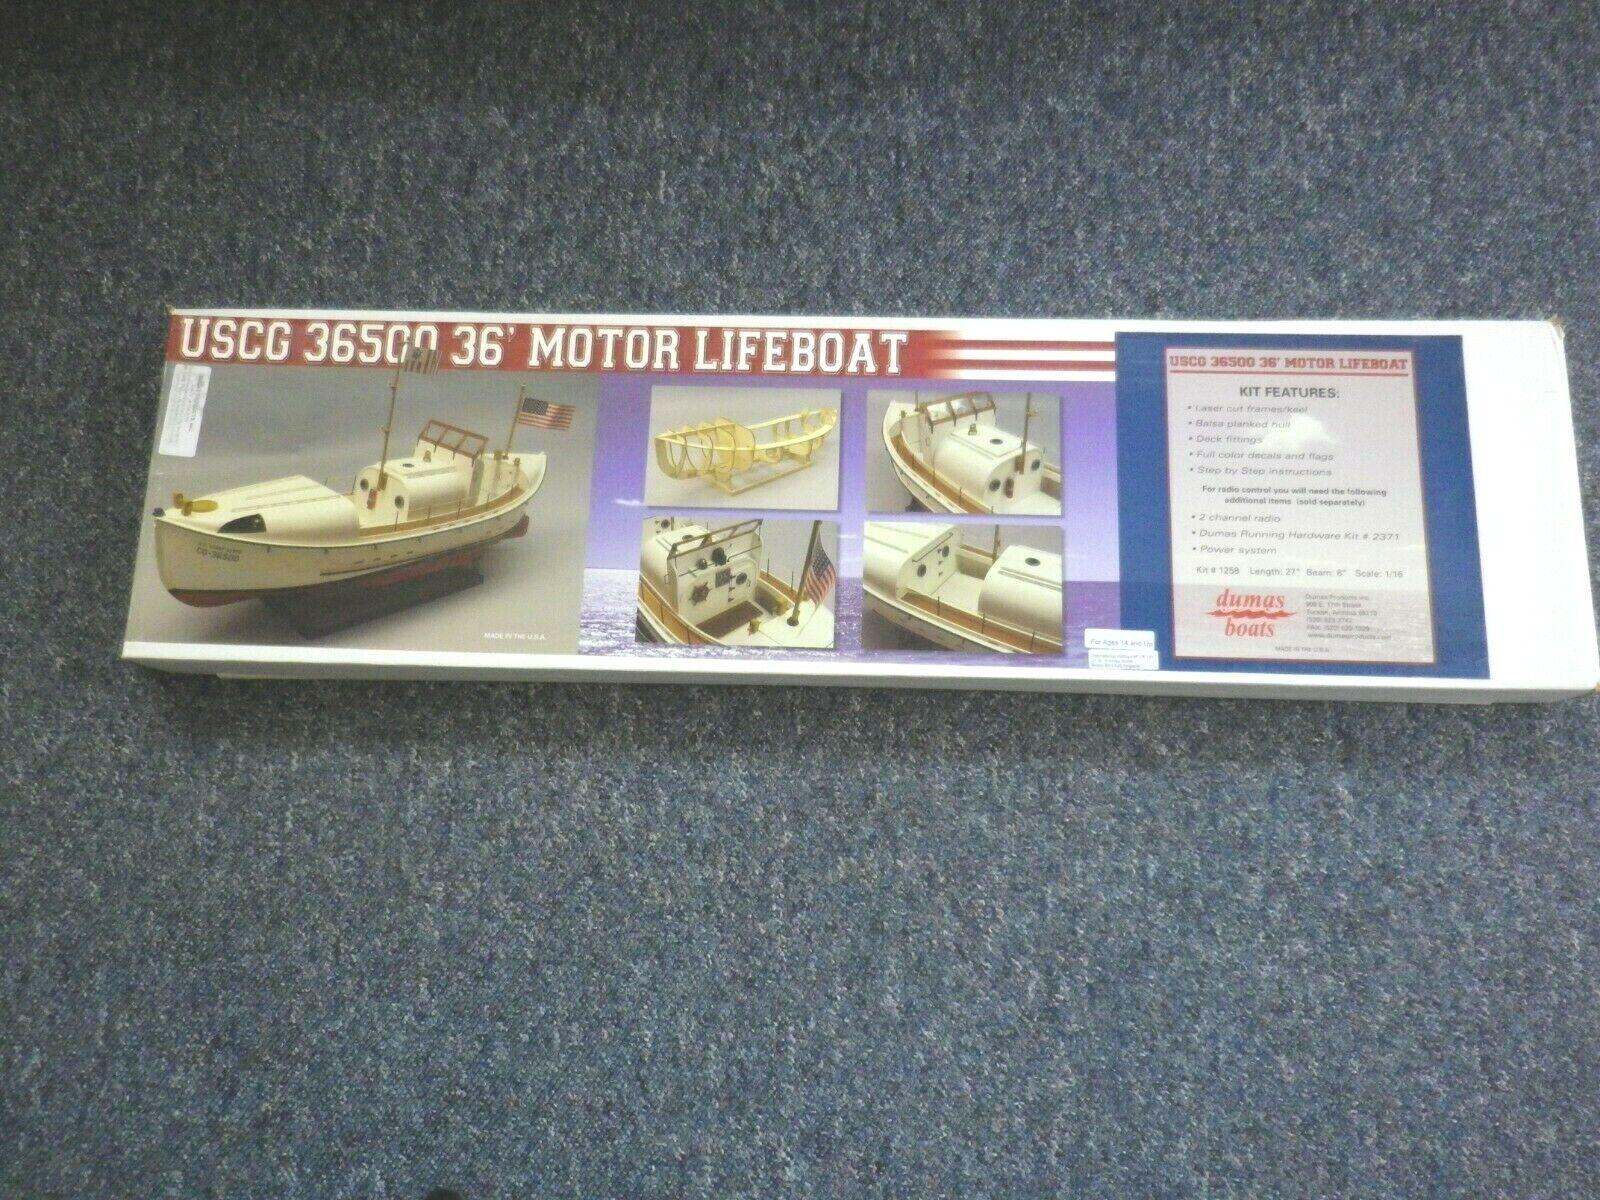 DUMAS MODEL BOAT KIT USCG 36500 36' MOTOR LIFEBOAT    1258